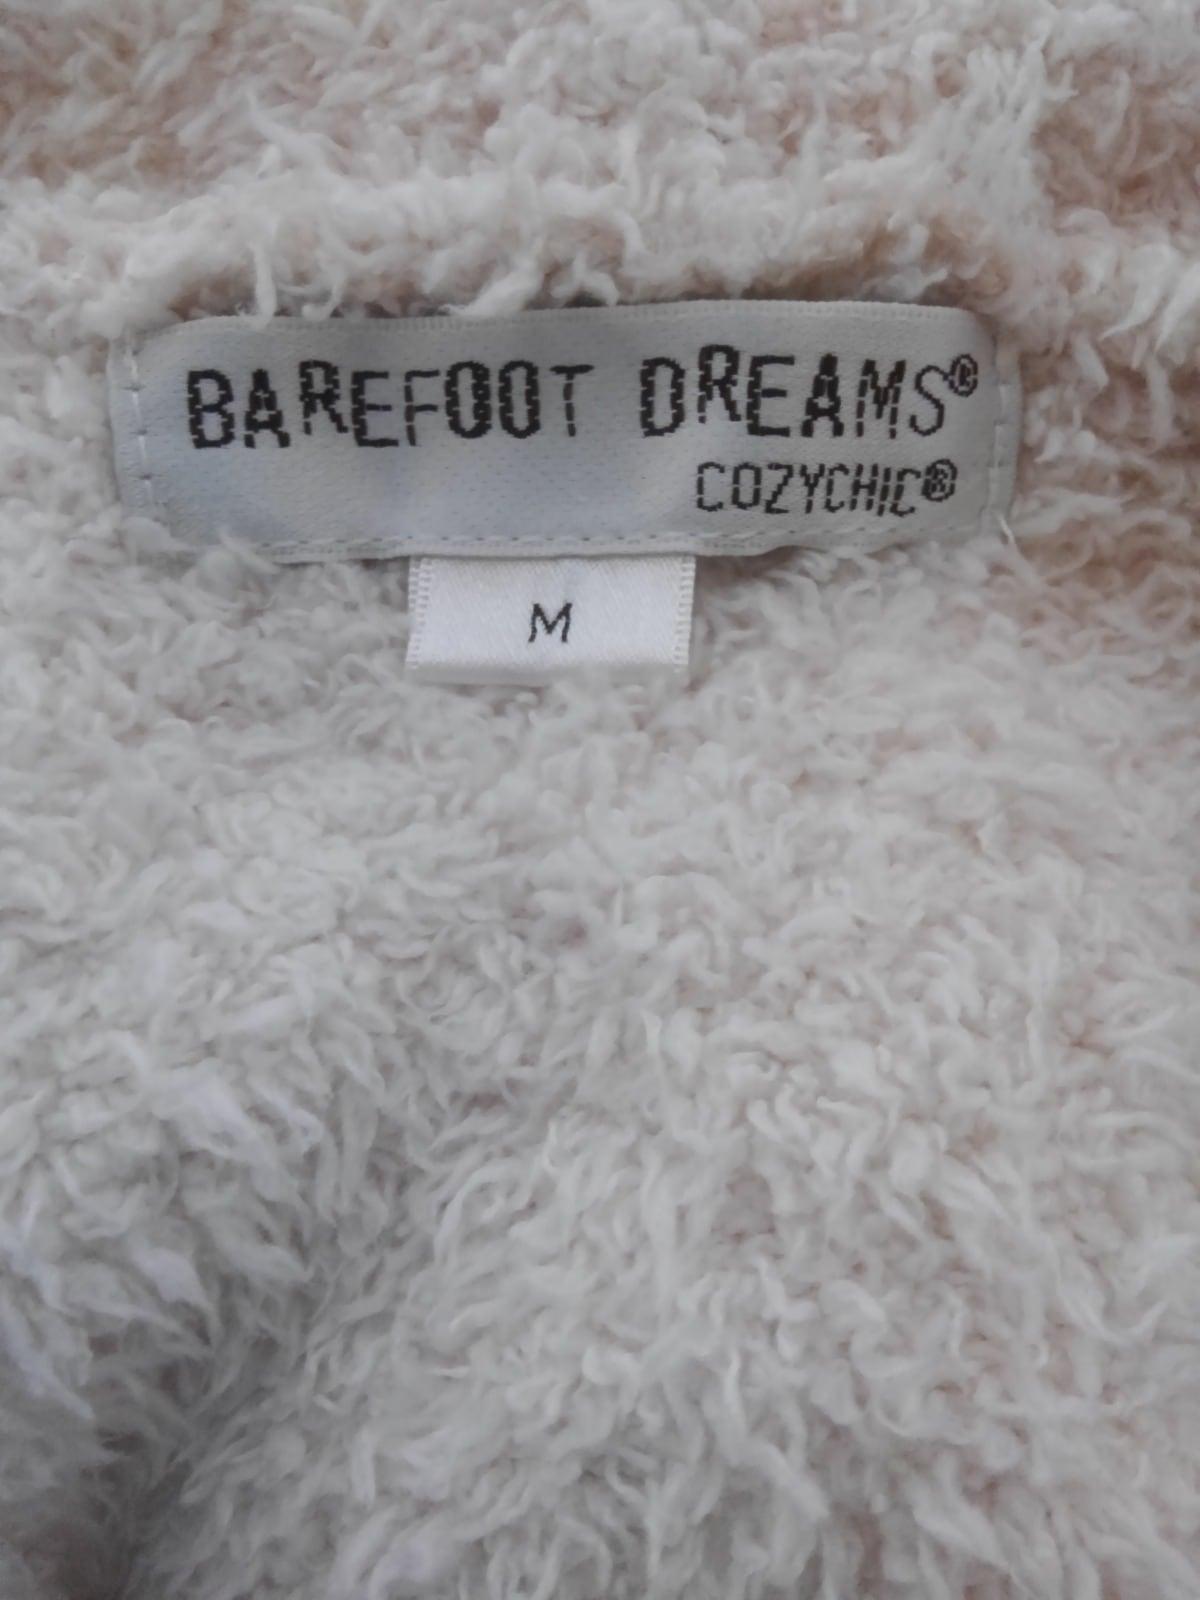 BAREFOOT DREAMS(ベアフットドリームス)のパーカー